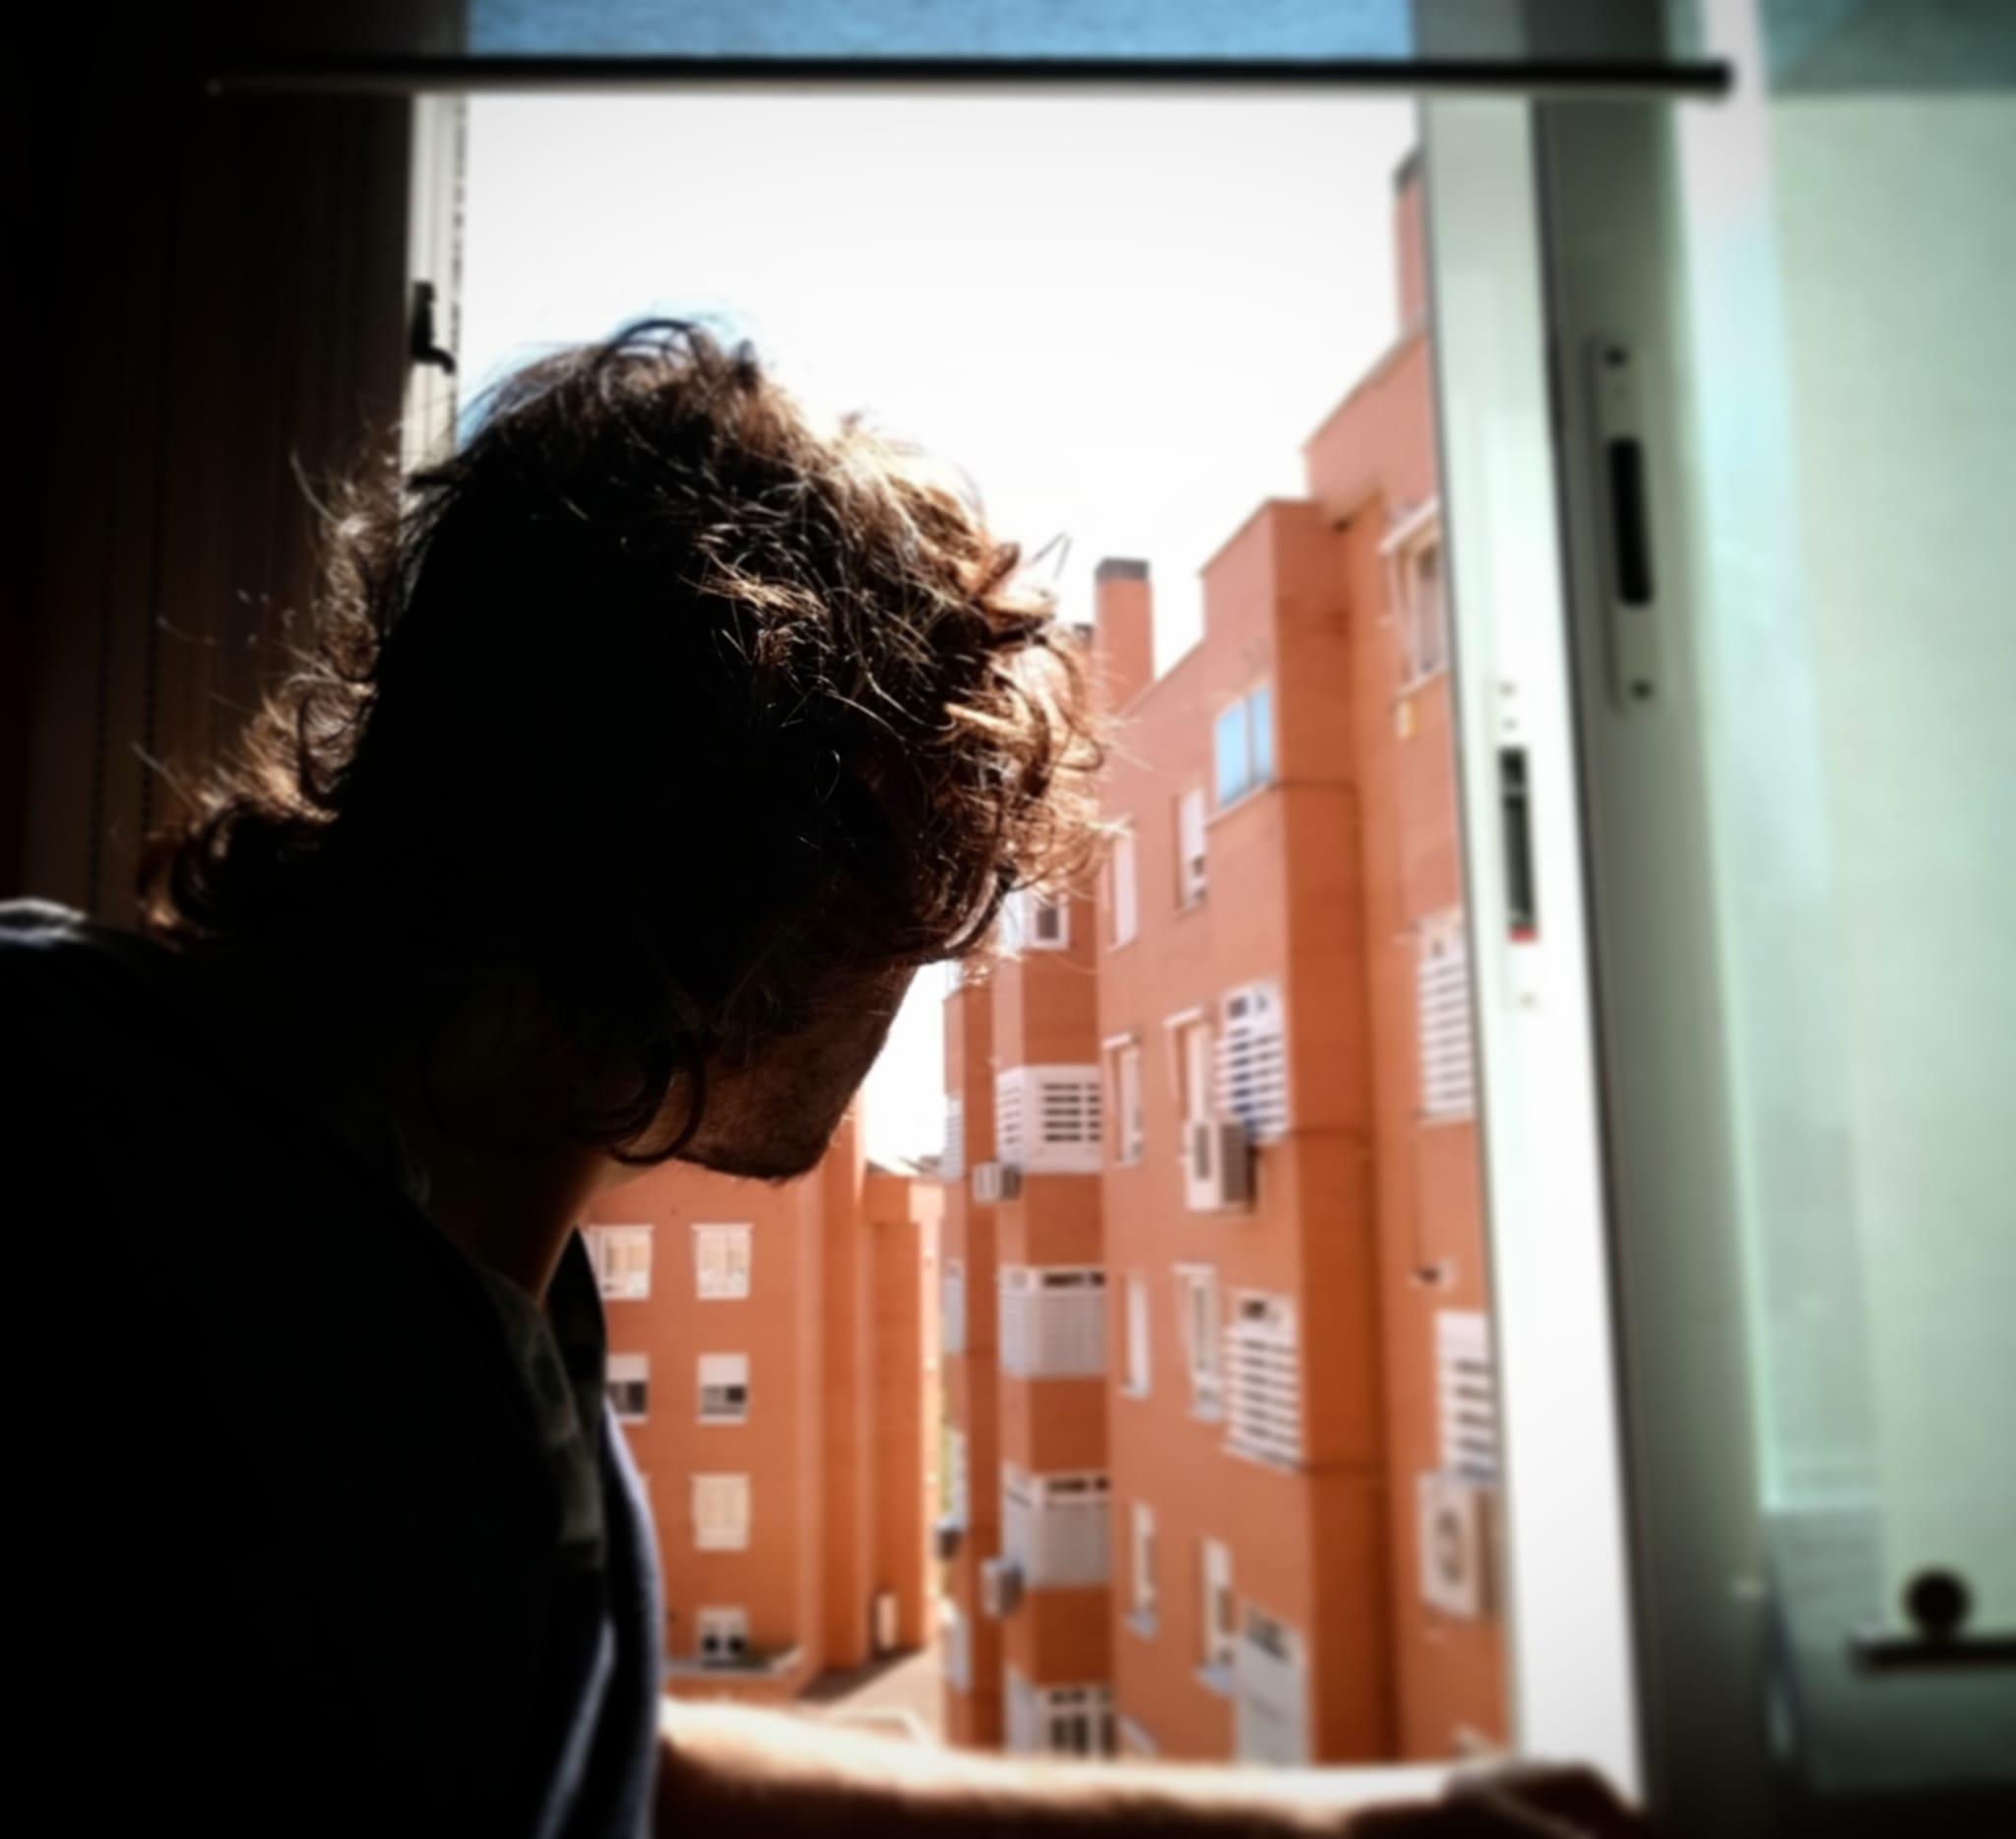 Pablo quisiera volar. De Luisi Mota, Madrid.